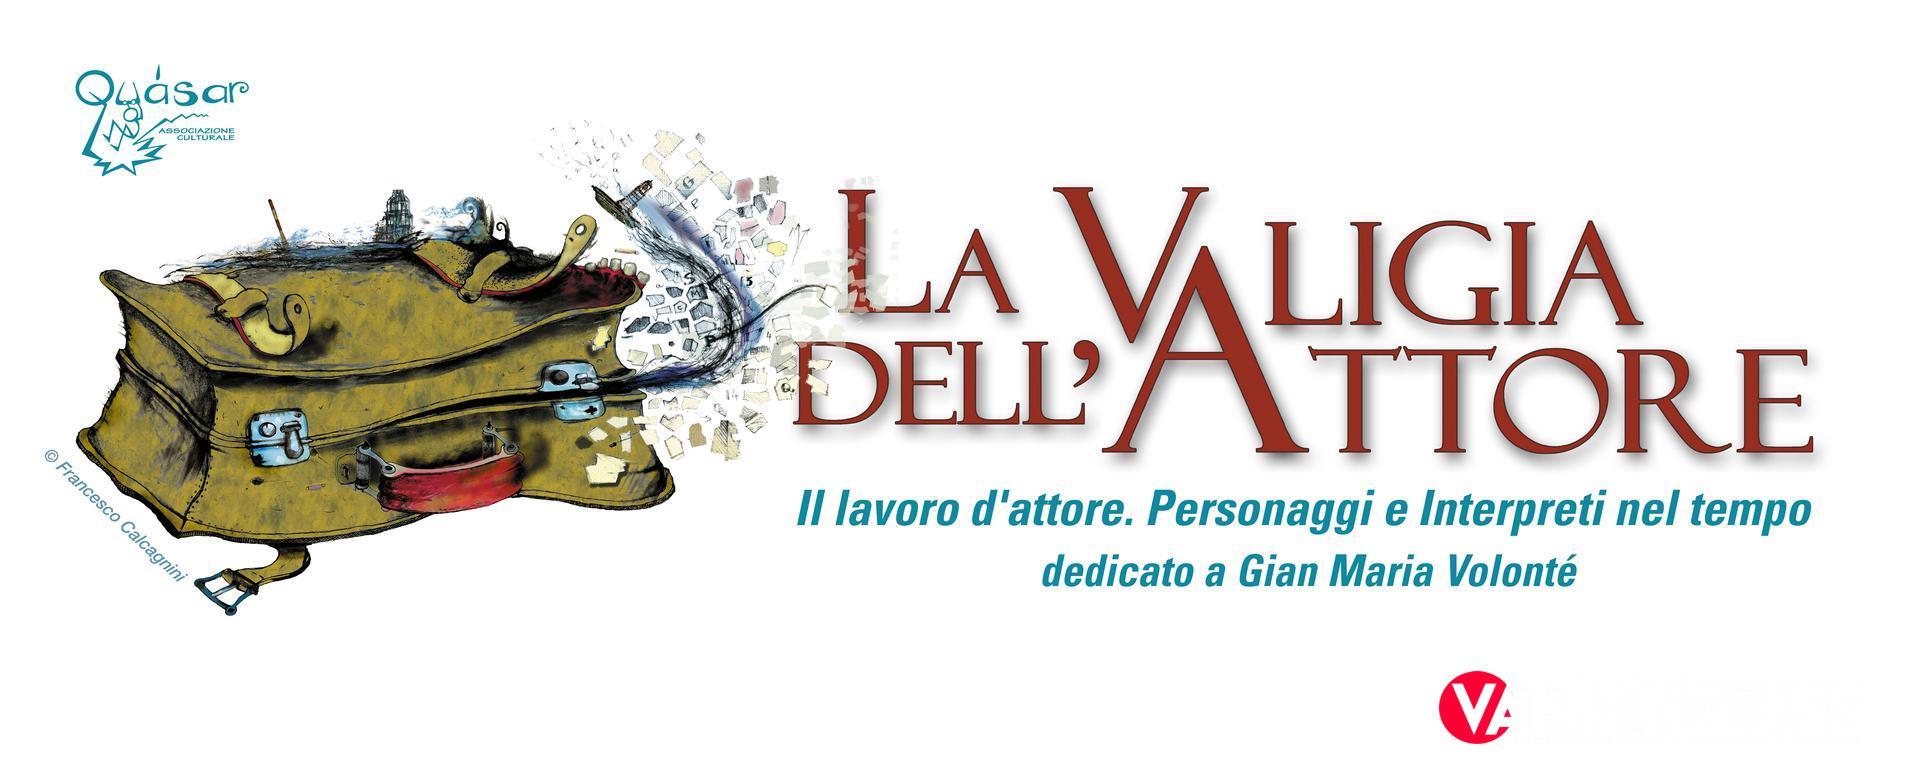 LA VALIGIA DELL'ATTORE 2021: Pif conduce il festival, Isabella Ragonese il ValigiaLab